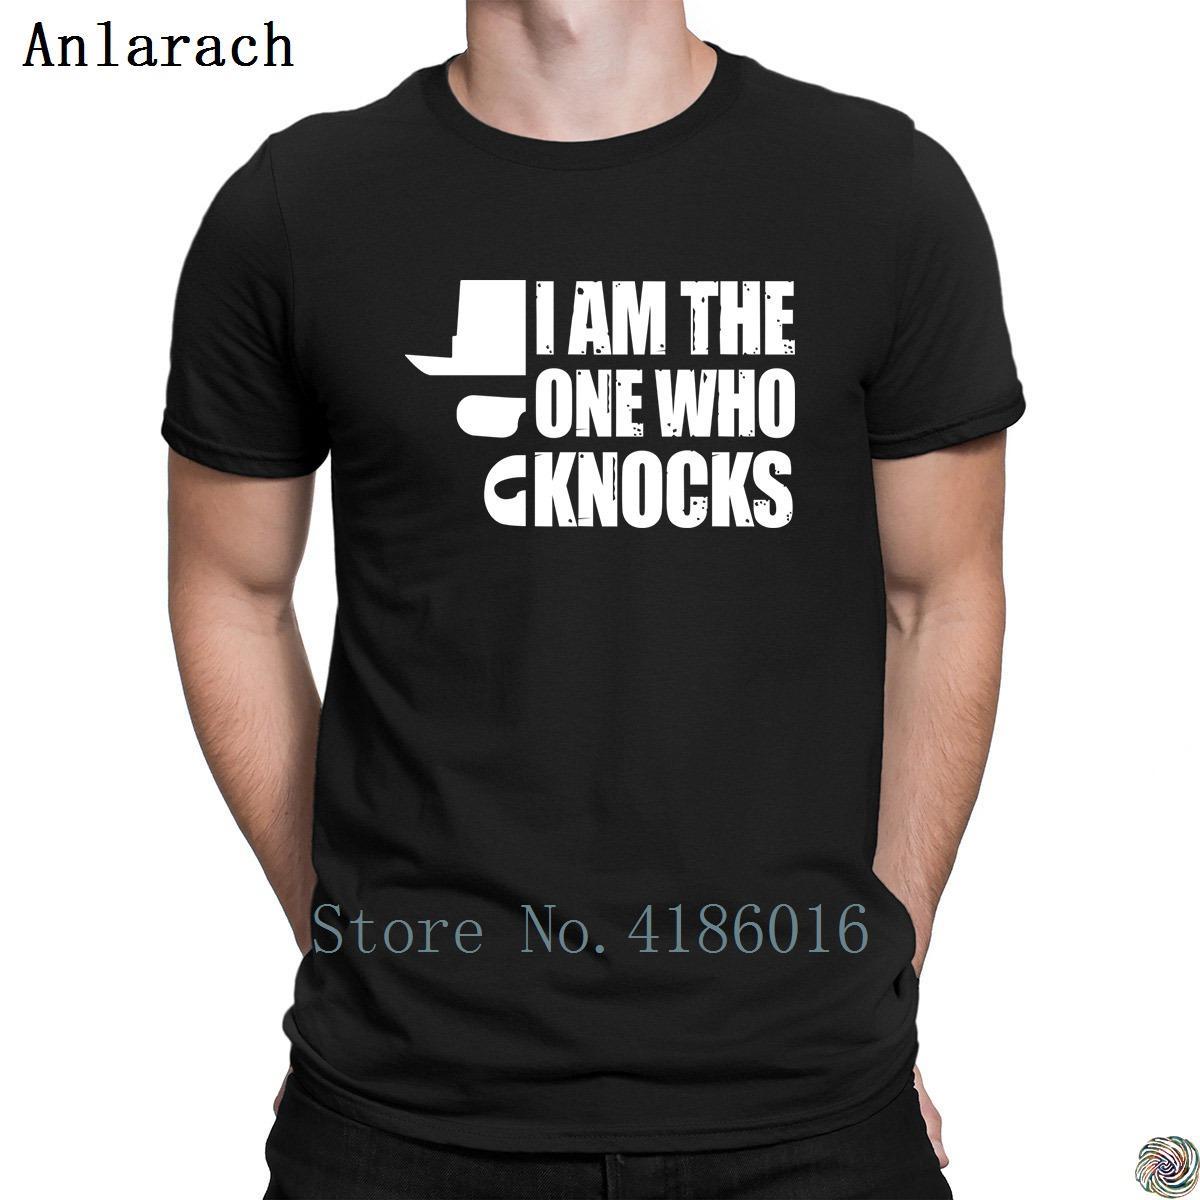 Je suis un T-shirt vintage à manches courtes T-shirt Les vêtements supérieur hommes Personnaliser Casual tee shirt à la mode d'été